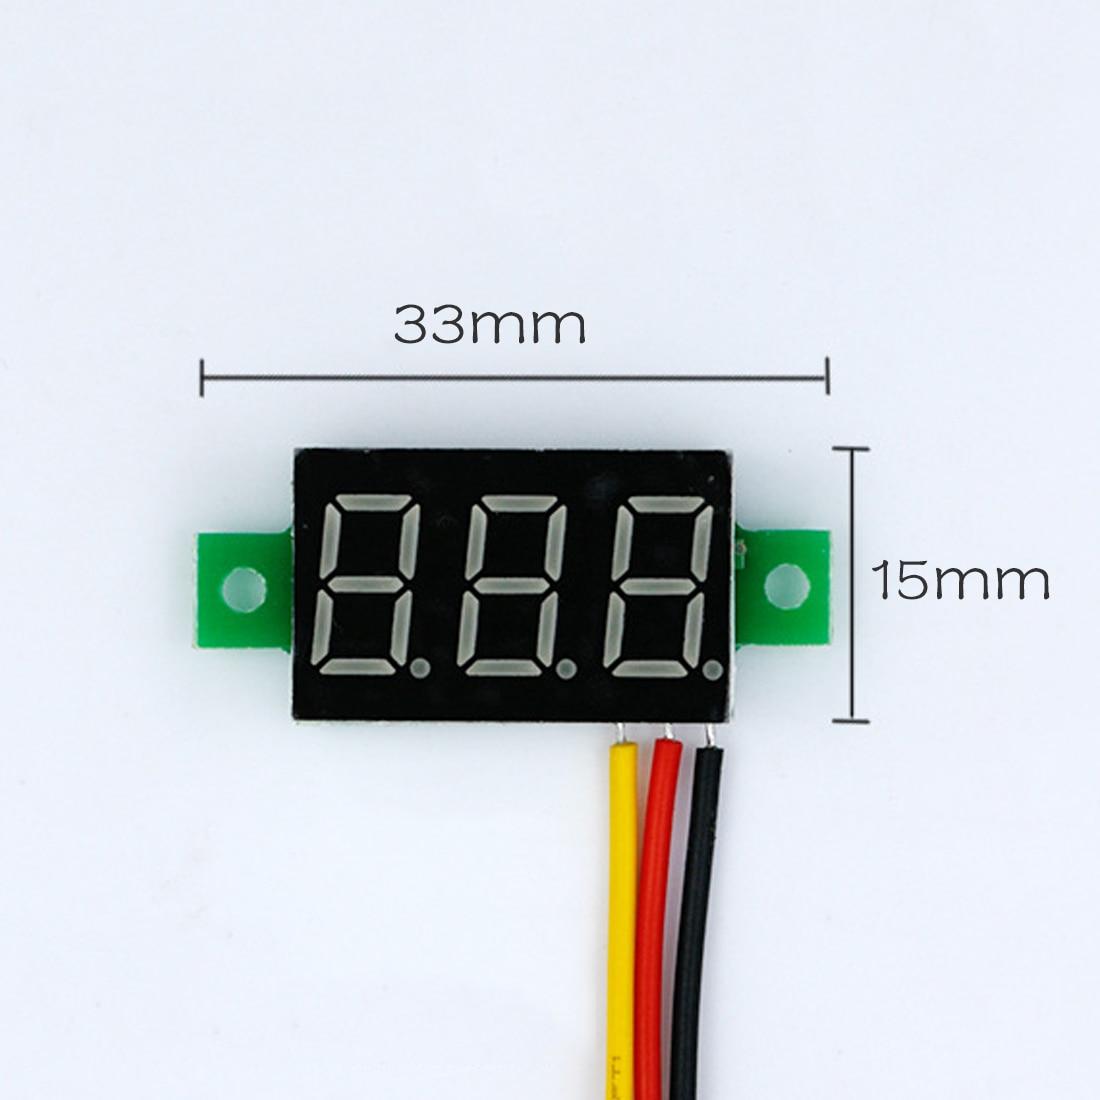 DC 0-100v 3 Bits 0.36 inch Digital Red LED Display Panel Voltage Meter Voltmeter Tester Hot Mini